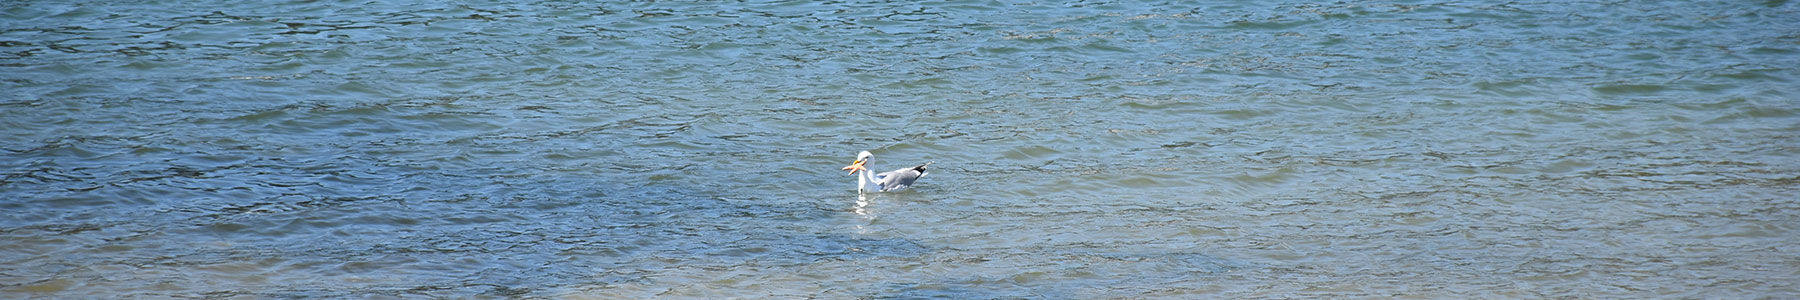 Pêche dans le port de Sainte-Marine